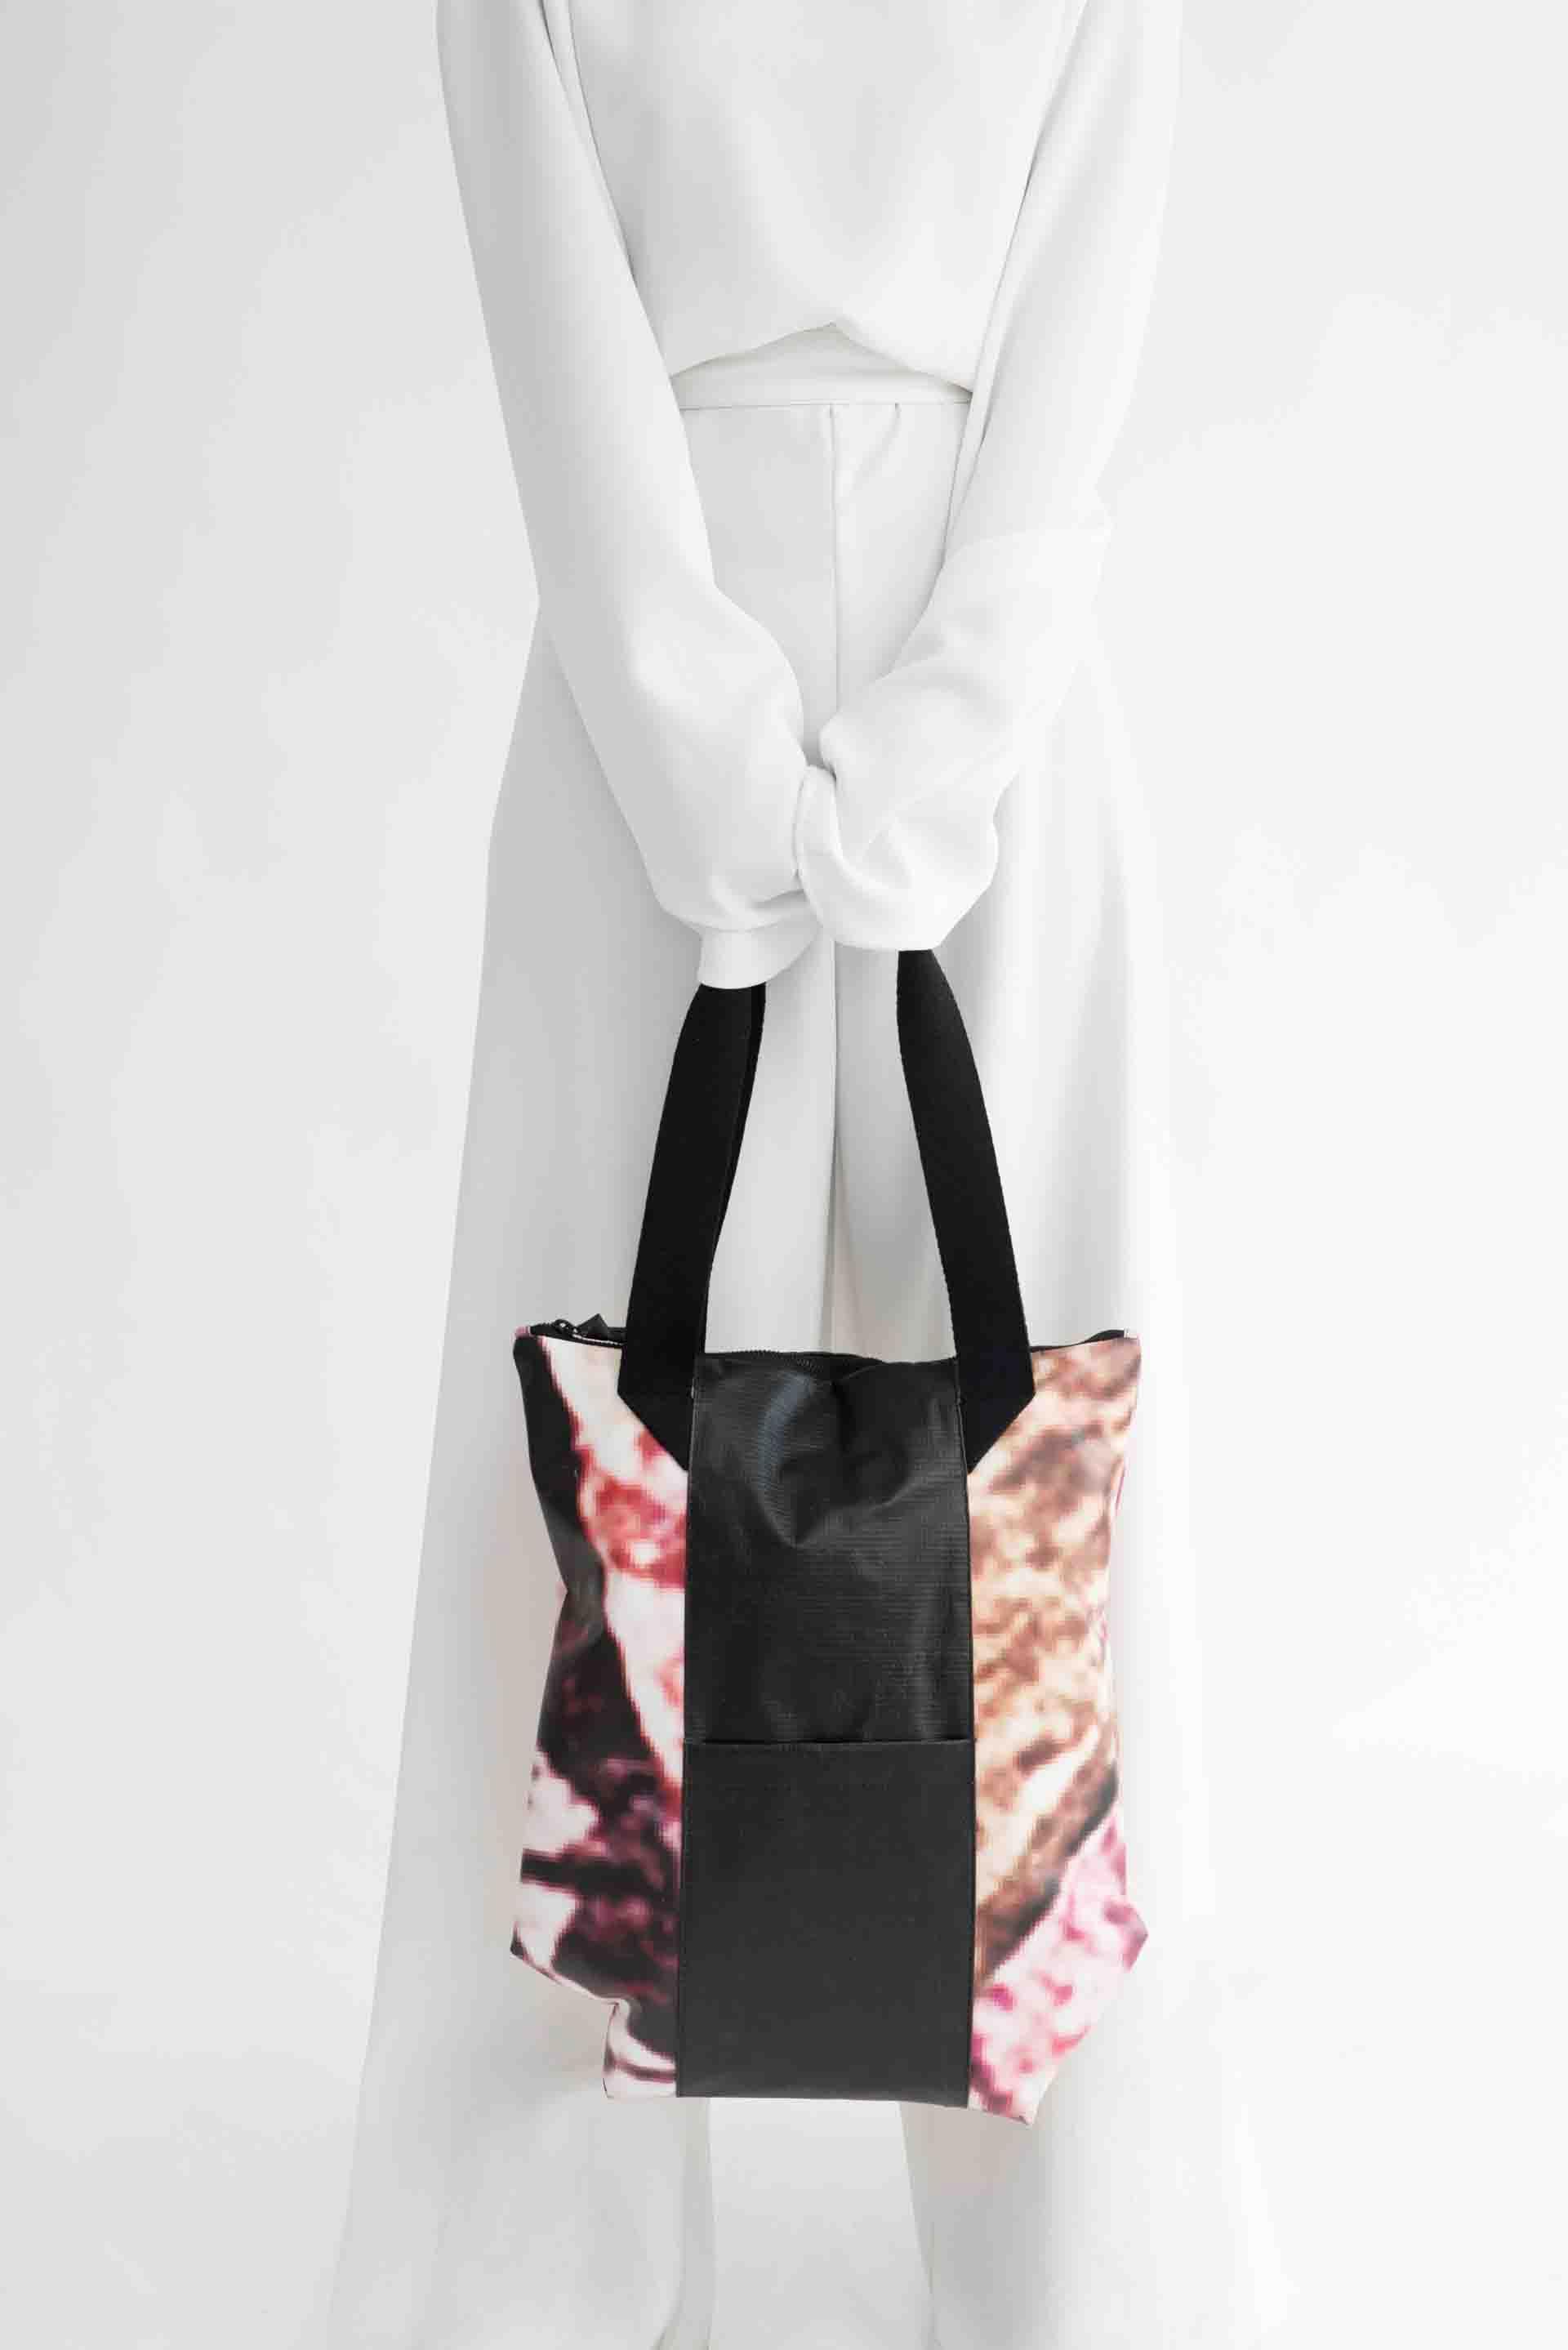 מותג OKA צילומי אופנה מעצבת ובעלת המותג- שיר אלבג, קרדיט צלם: גיא נחום לוי, סטייל והפקה: מרינה פאוזנר, כתבות אופנה, חדשות אופנה Fashion, fashion magazine, fashion articles, fashionisrael, fashion Israel, אופנה, מגזין אופנה - 6